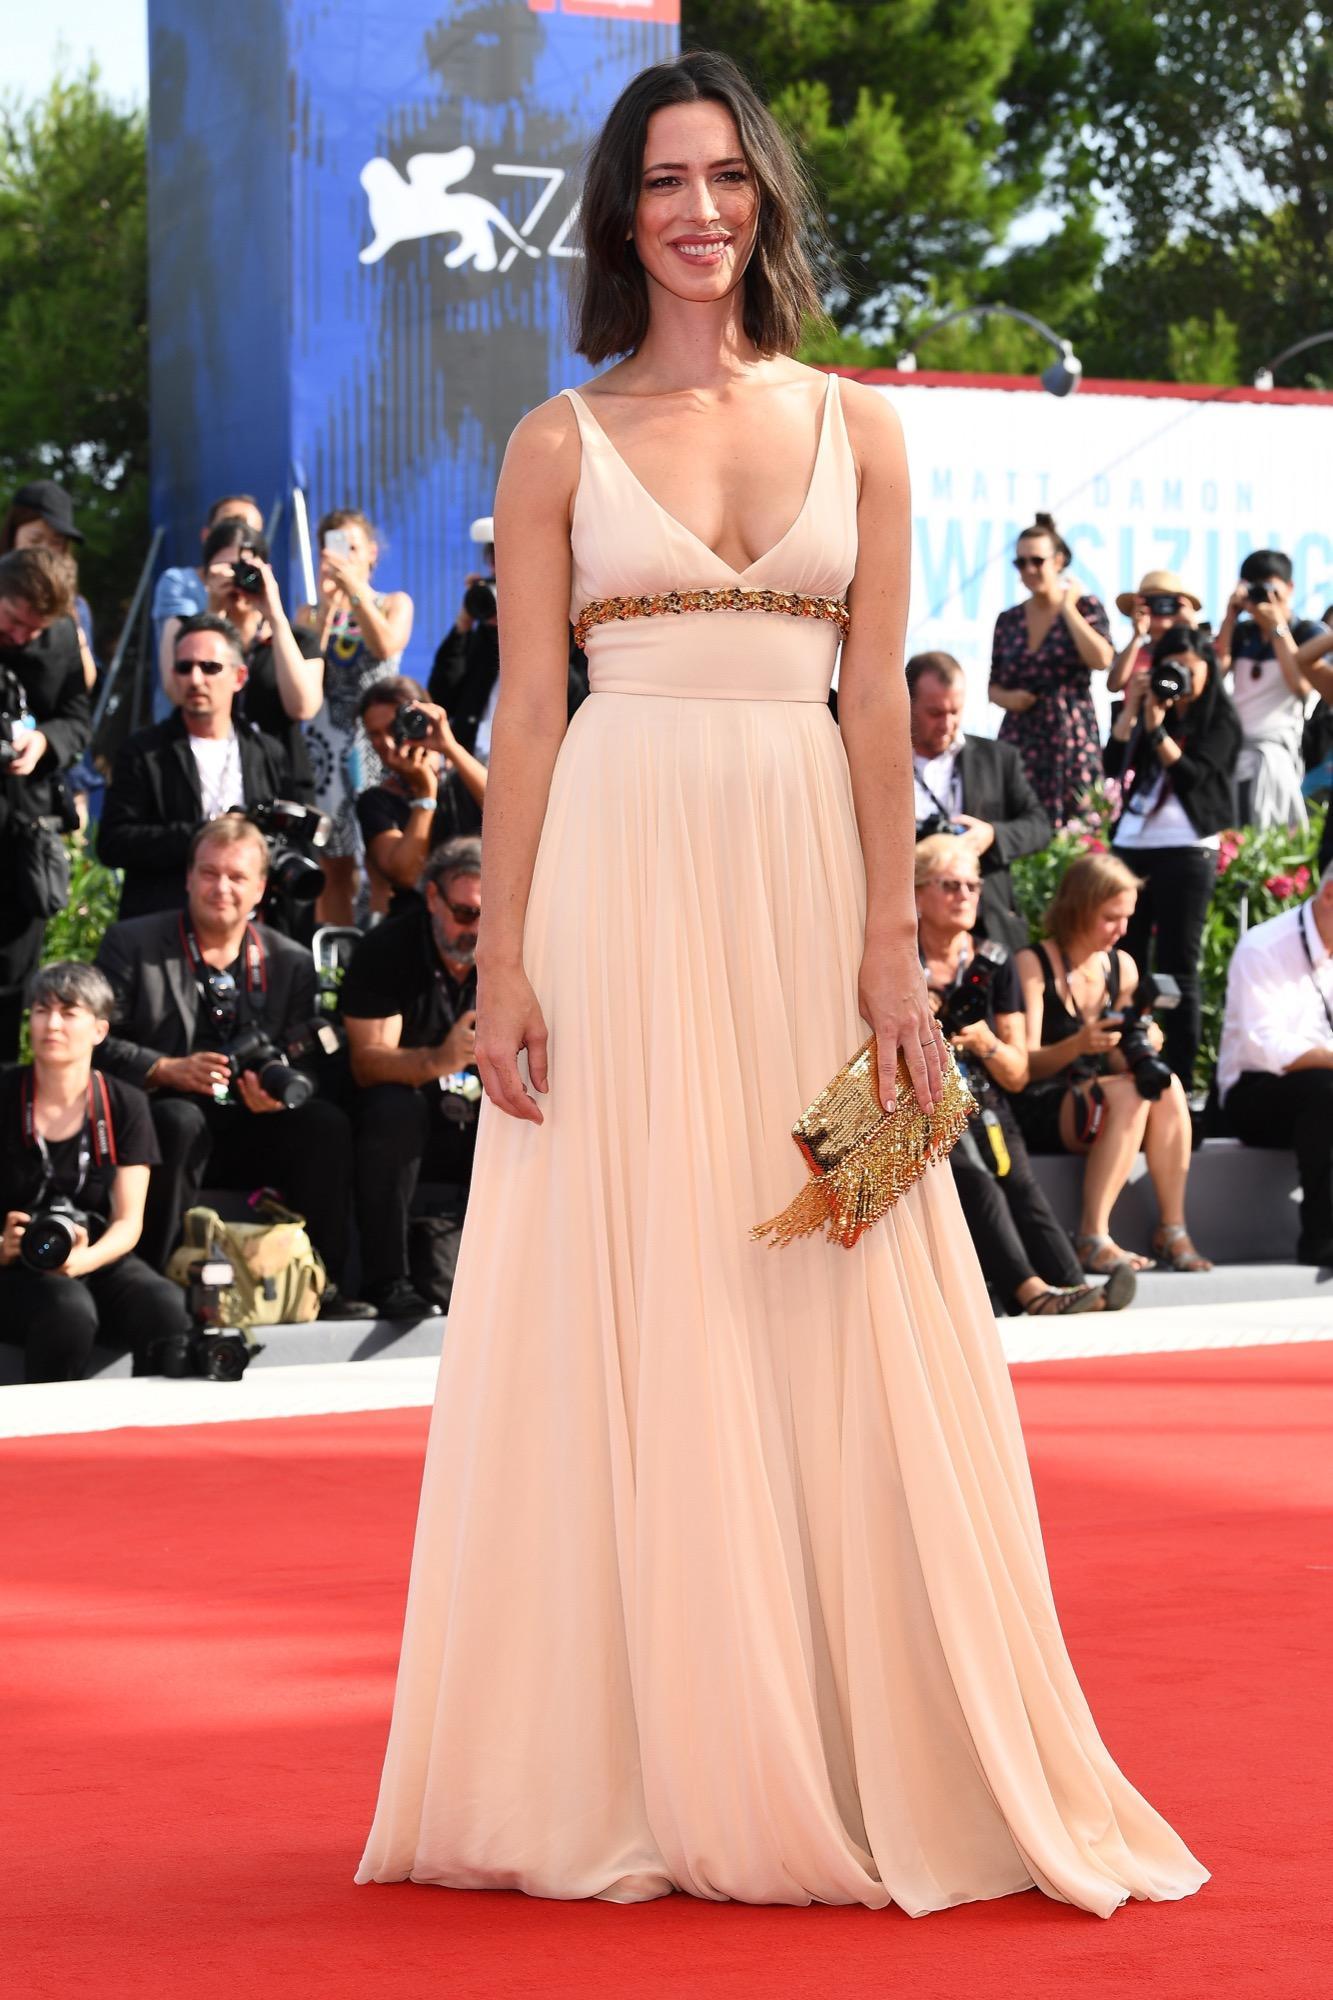 Filmfestspiele von Venedig: Jury-Mitglied Rebecca Hall